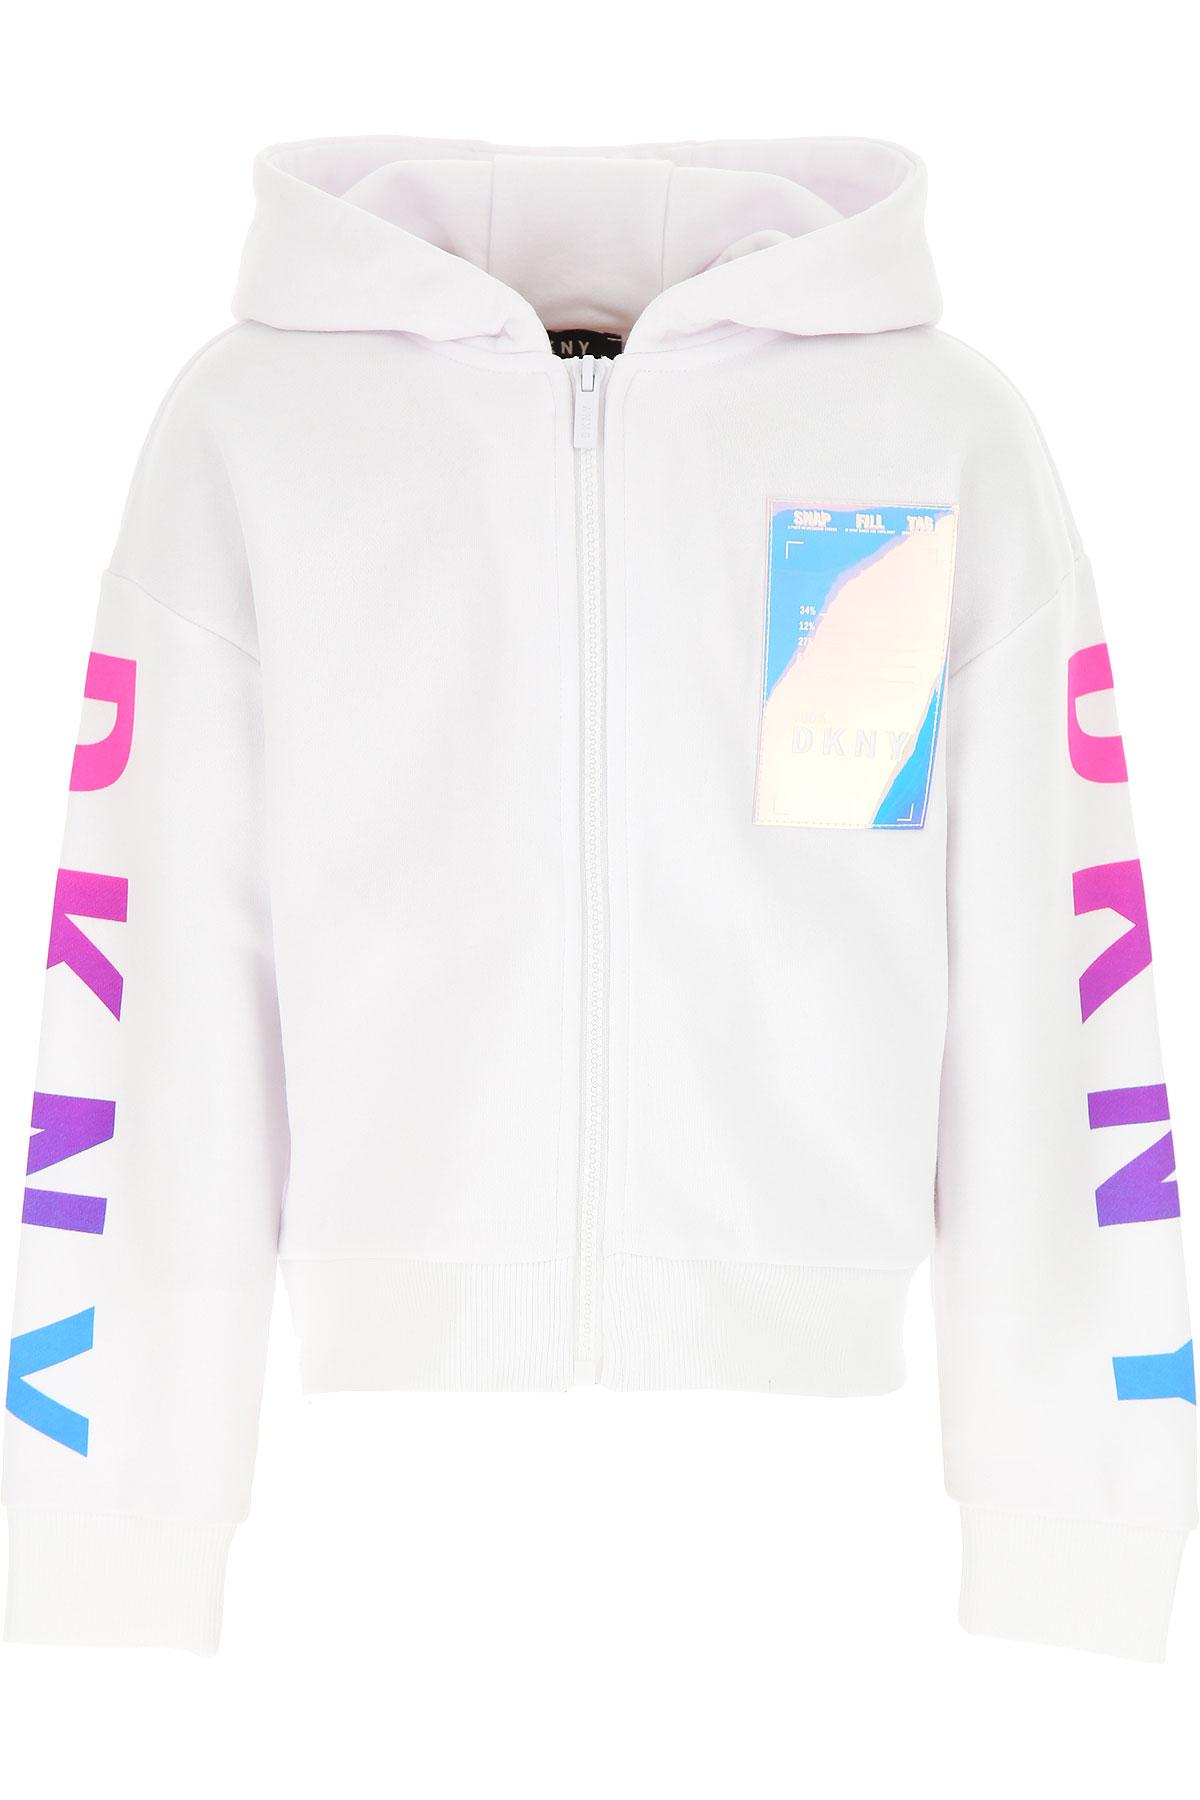 DKNY Kids Sweatshirts & Hoodies for Girls On Sale, White, Cotton, 2019, 10Y 2Y 4Y 6Y 8Y